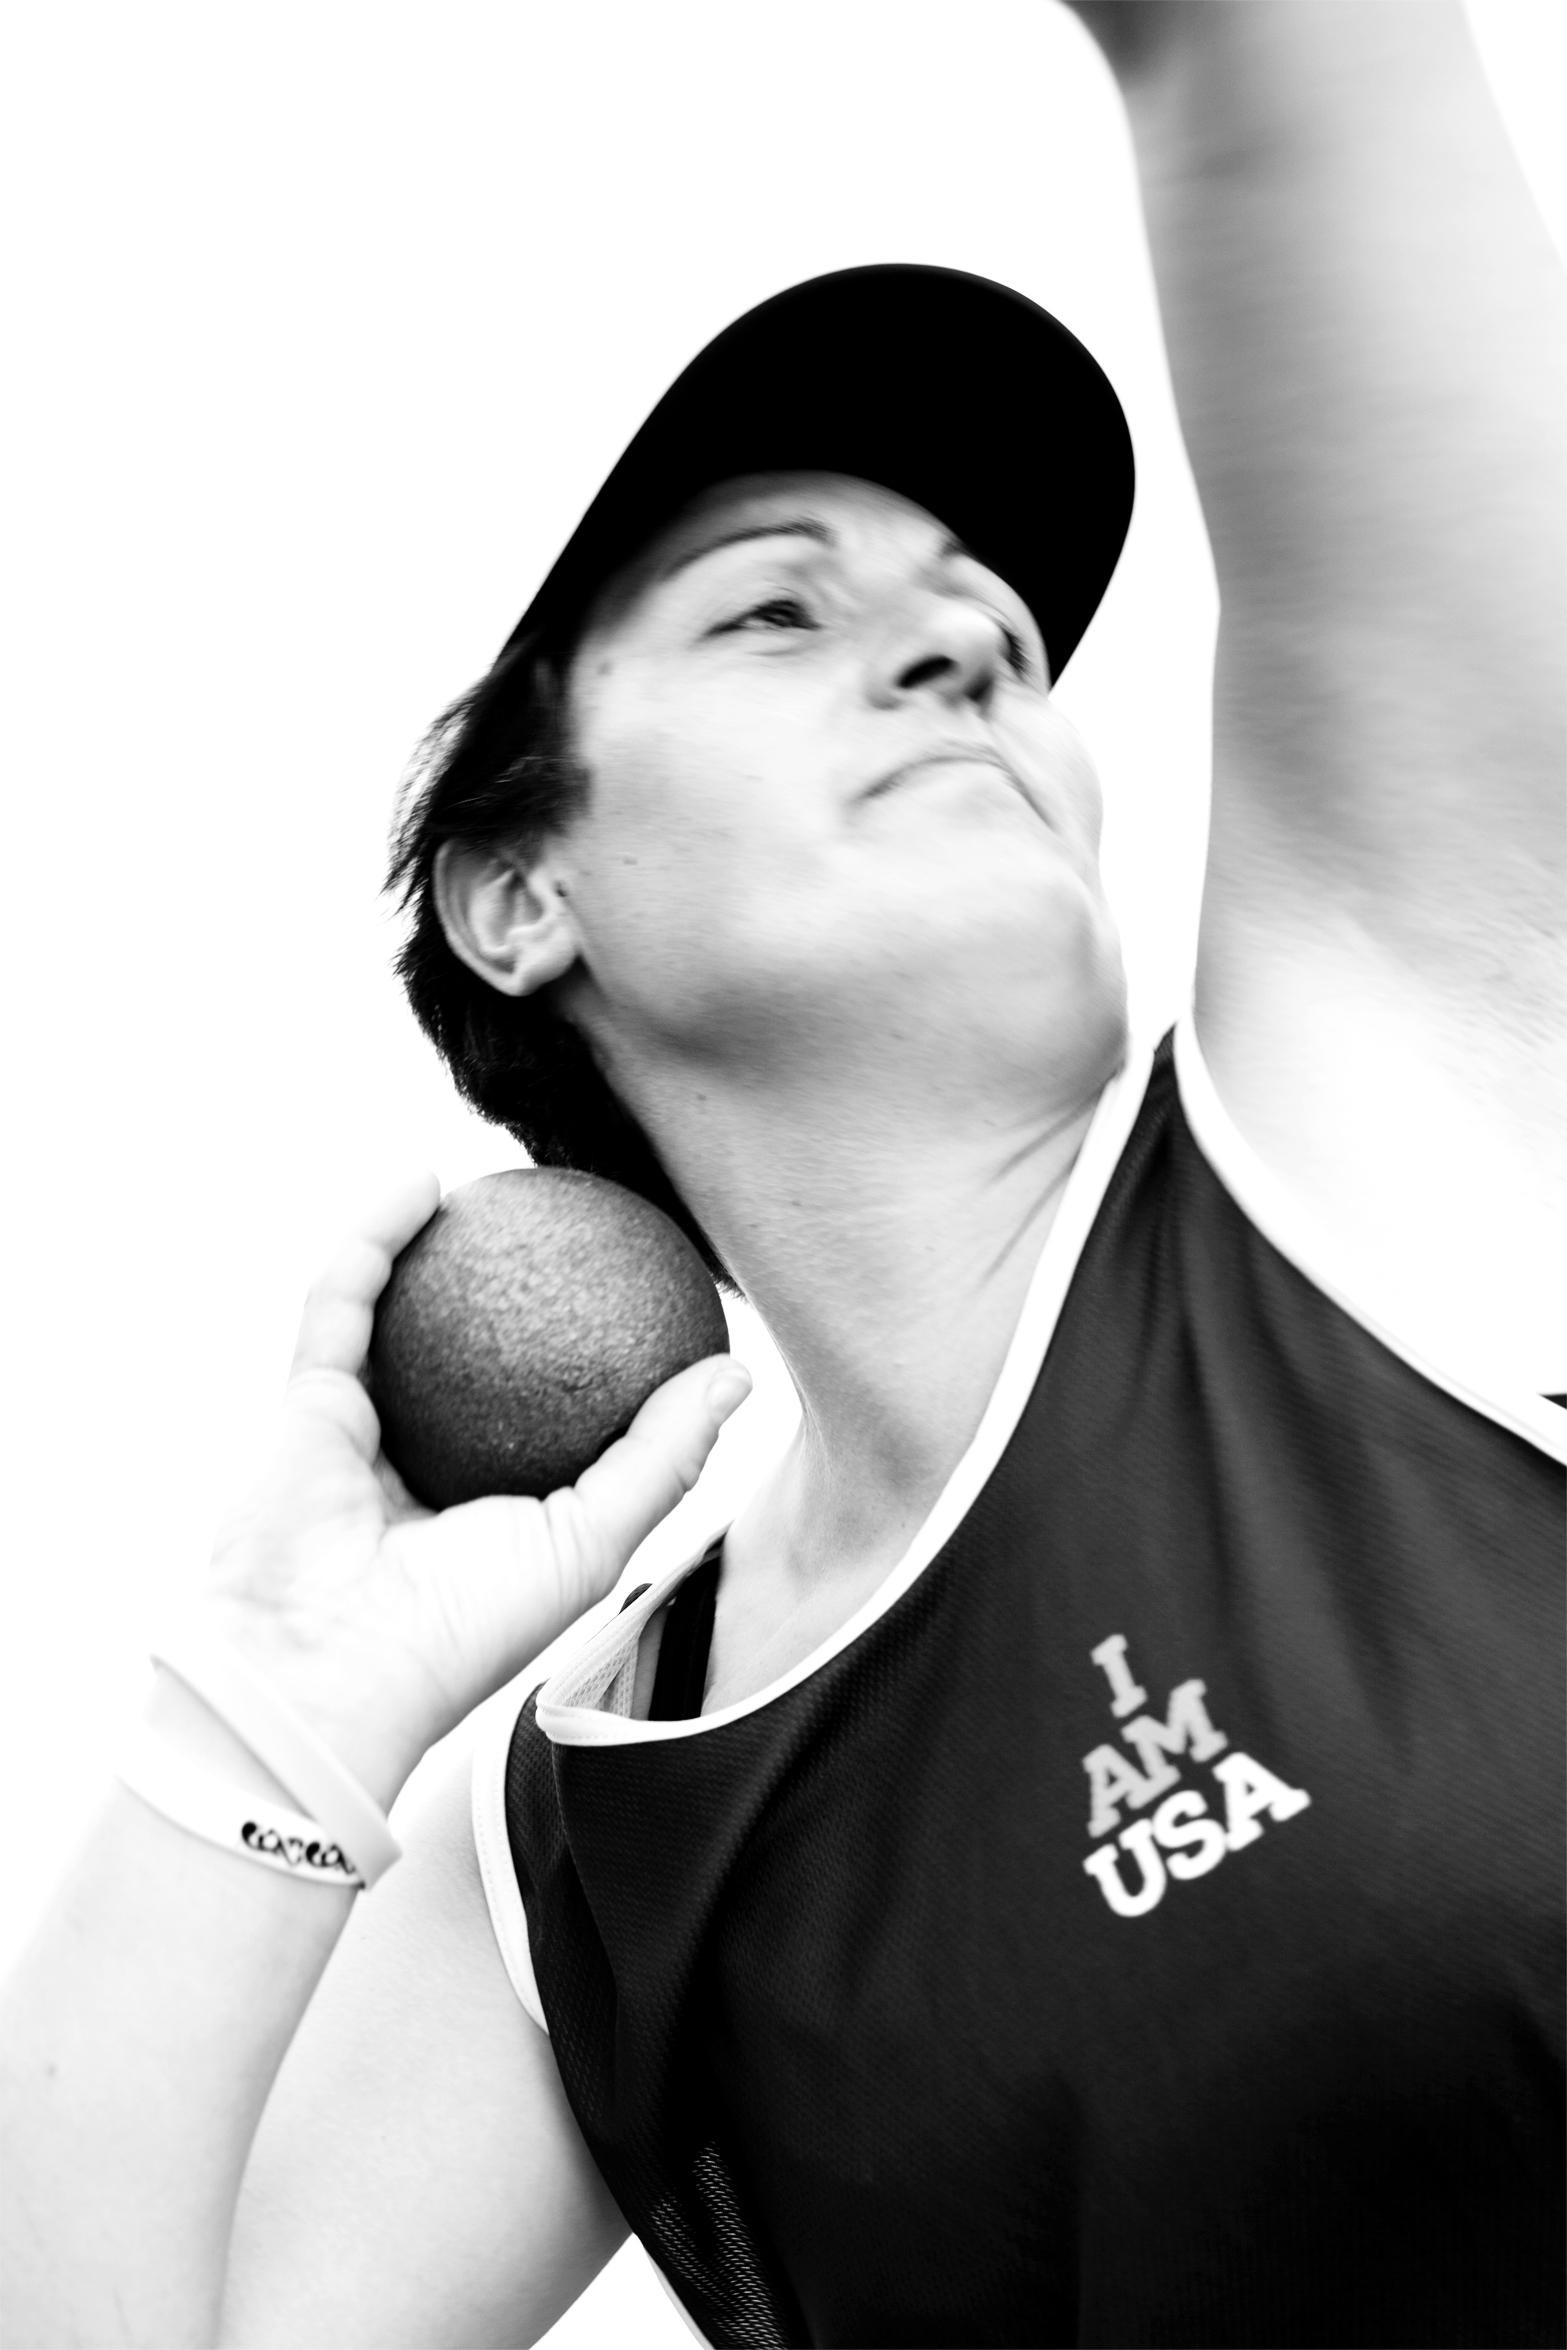 Pellegrina Caputo, Italy, competed in shot put